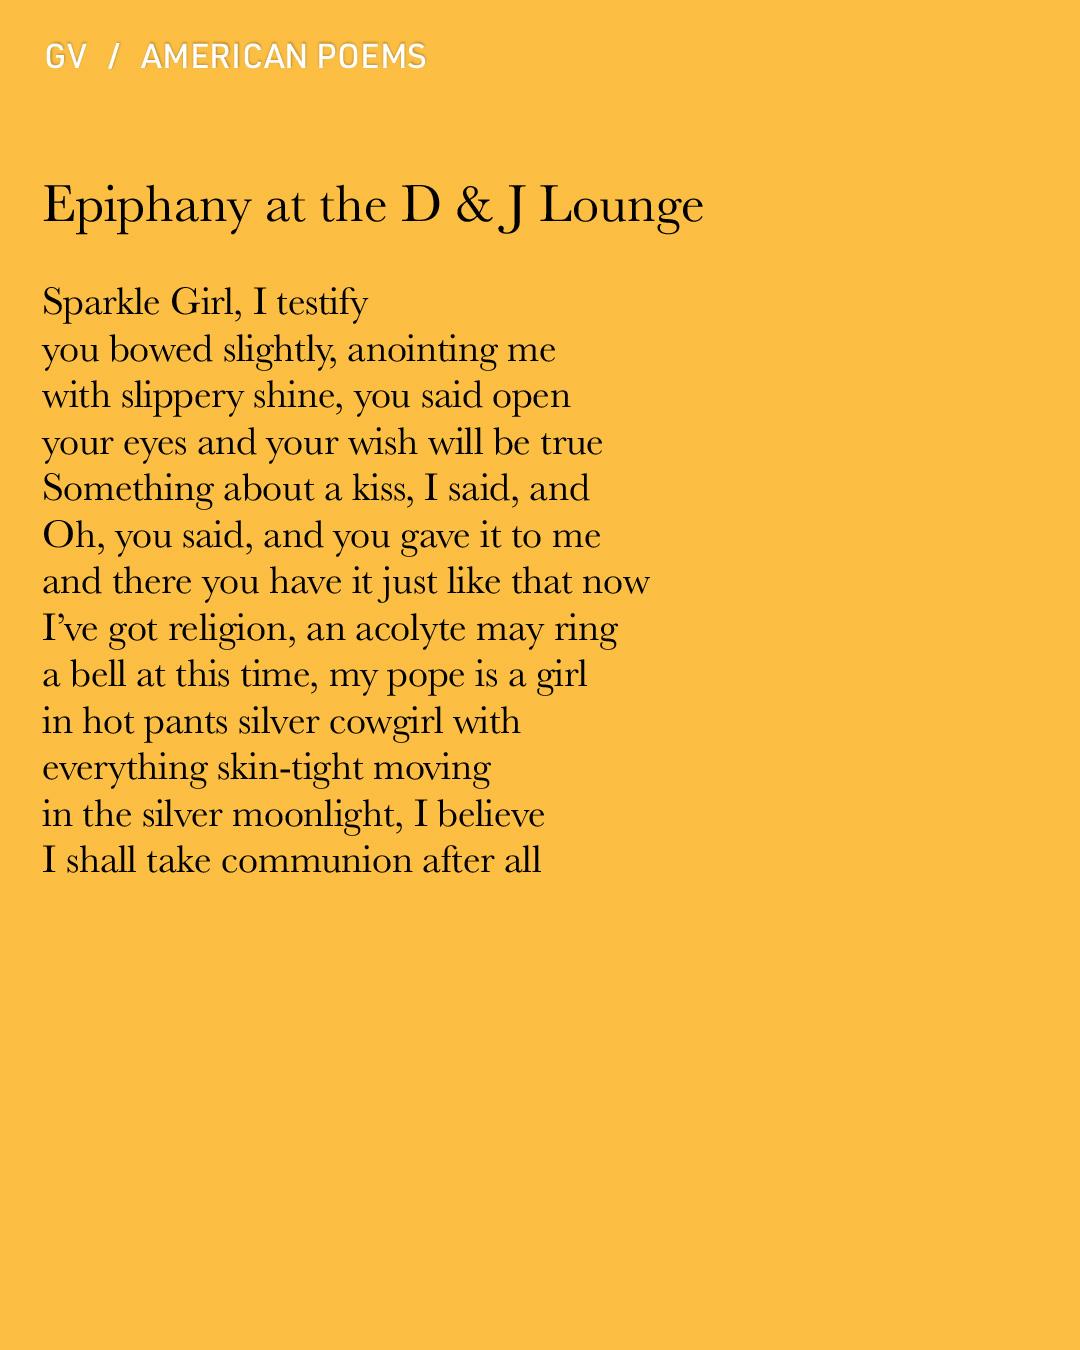 Gvion-PoemsA-Epiphany.jpg